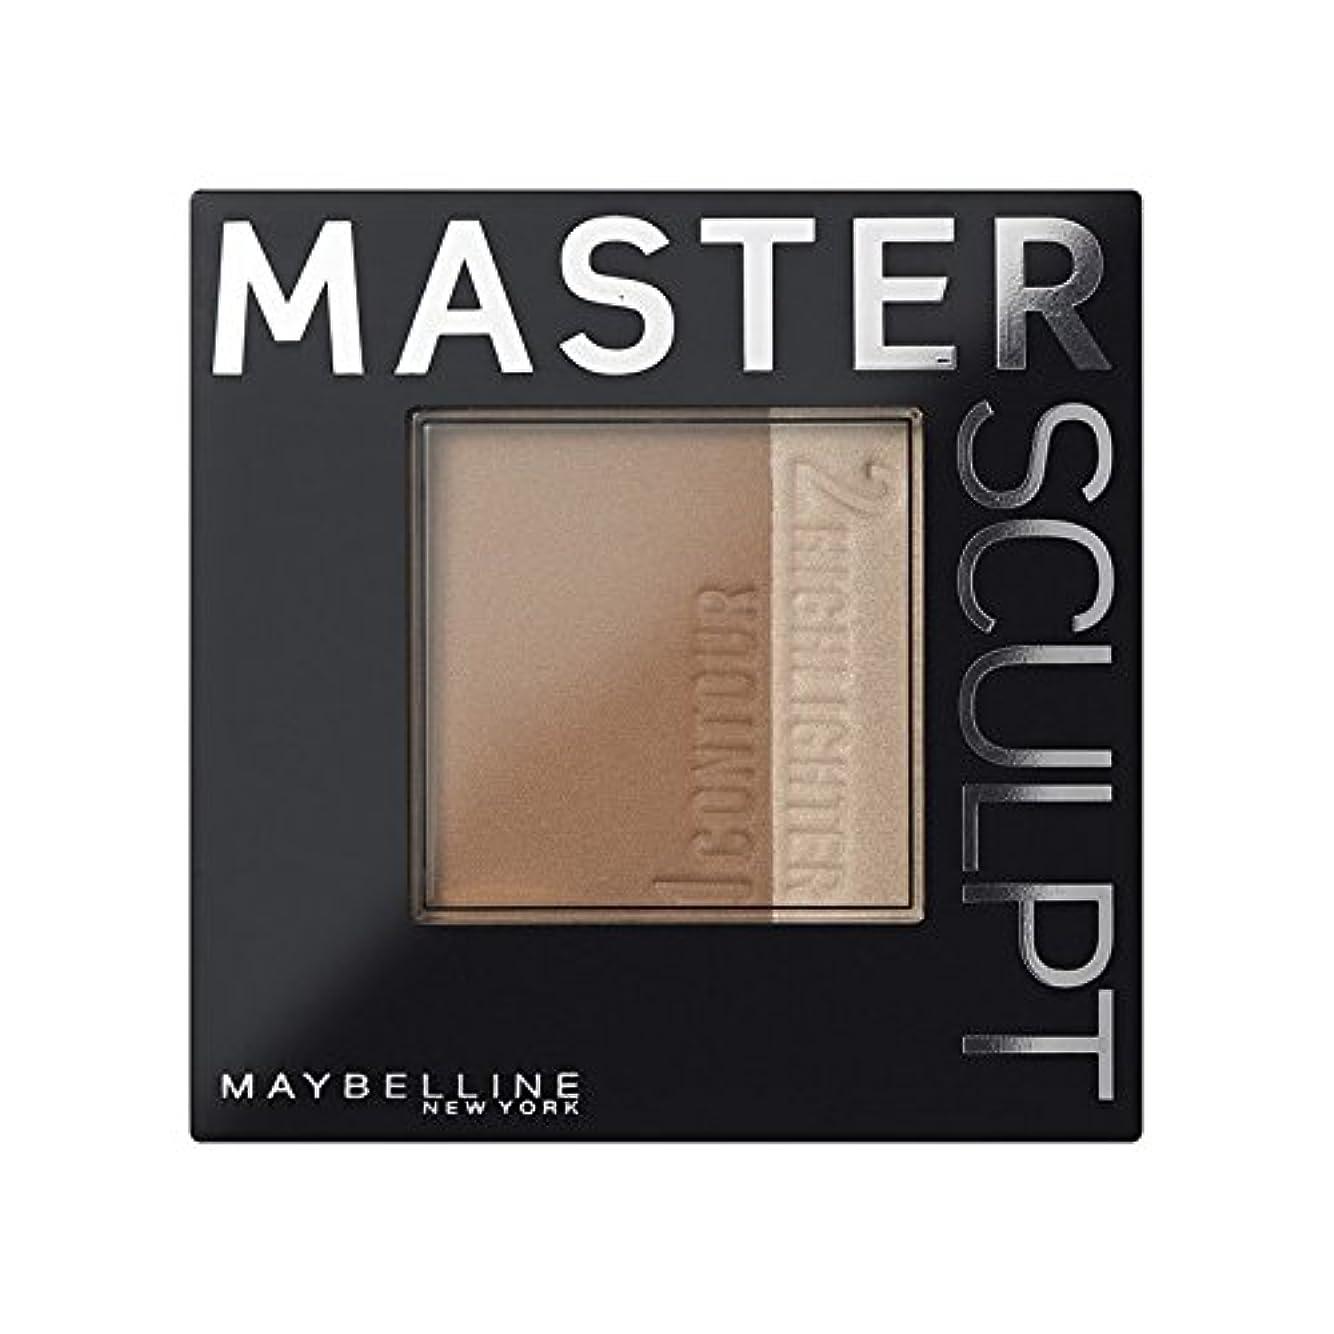 最愛の弾薬無限大土台01光/ を輪郭メイベリンマスタースカルプト x2 - Maybelline Master Sculpt Contouring Foundation 01 Light/Med (Pack of 2) [並行輸入品]